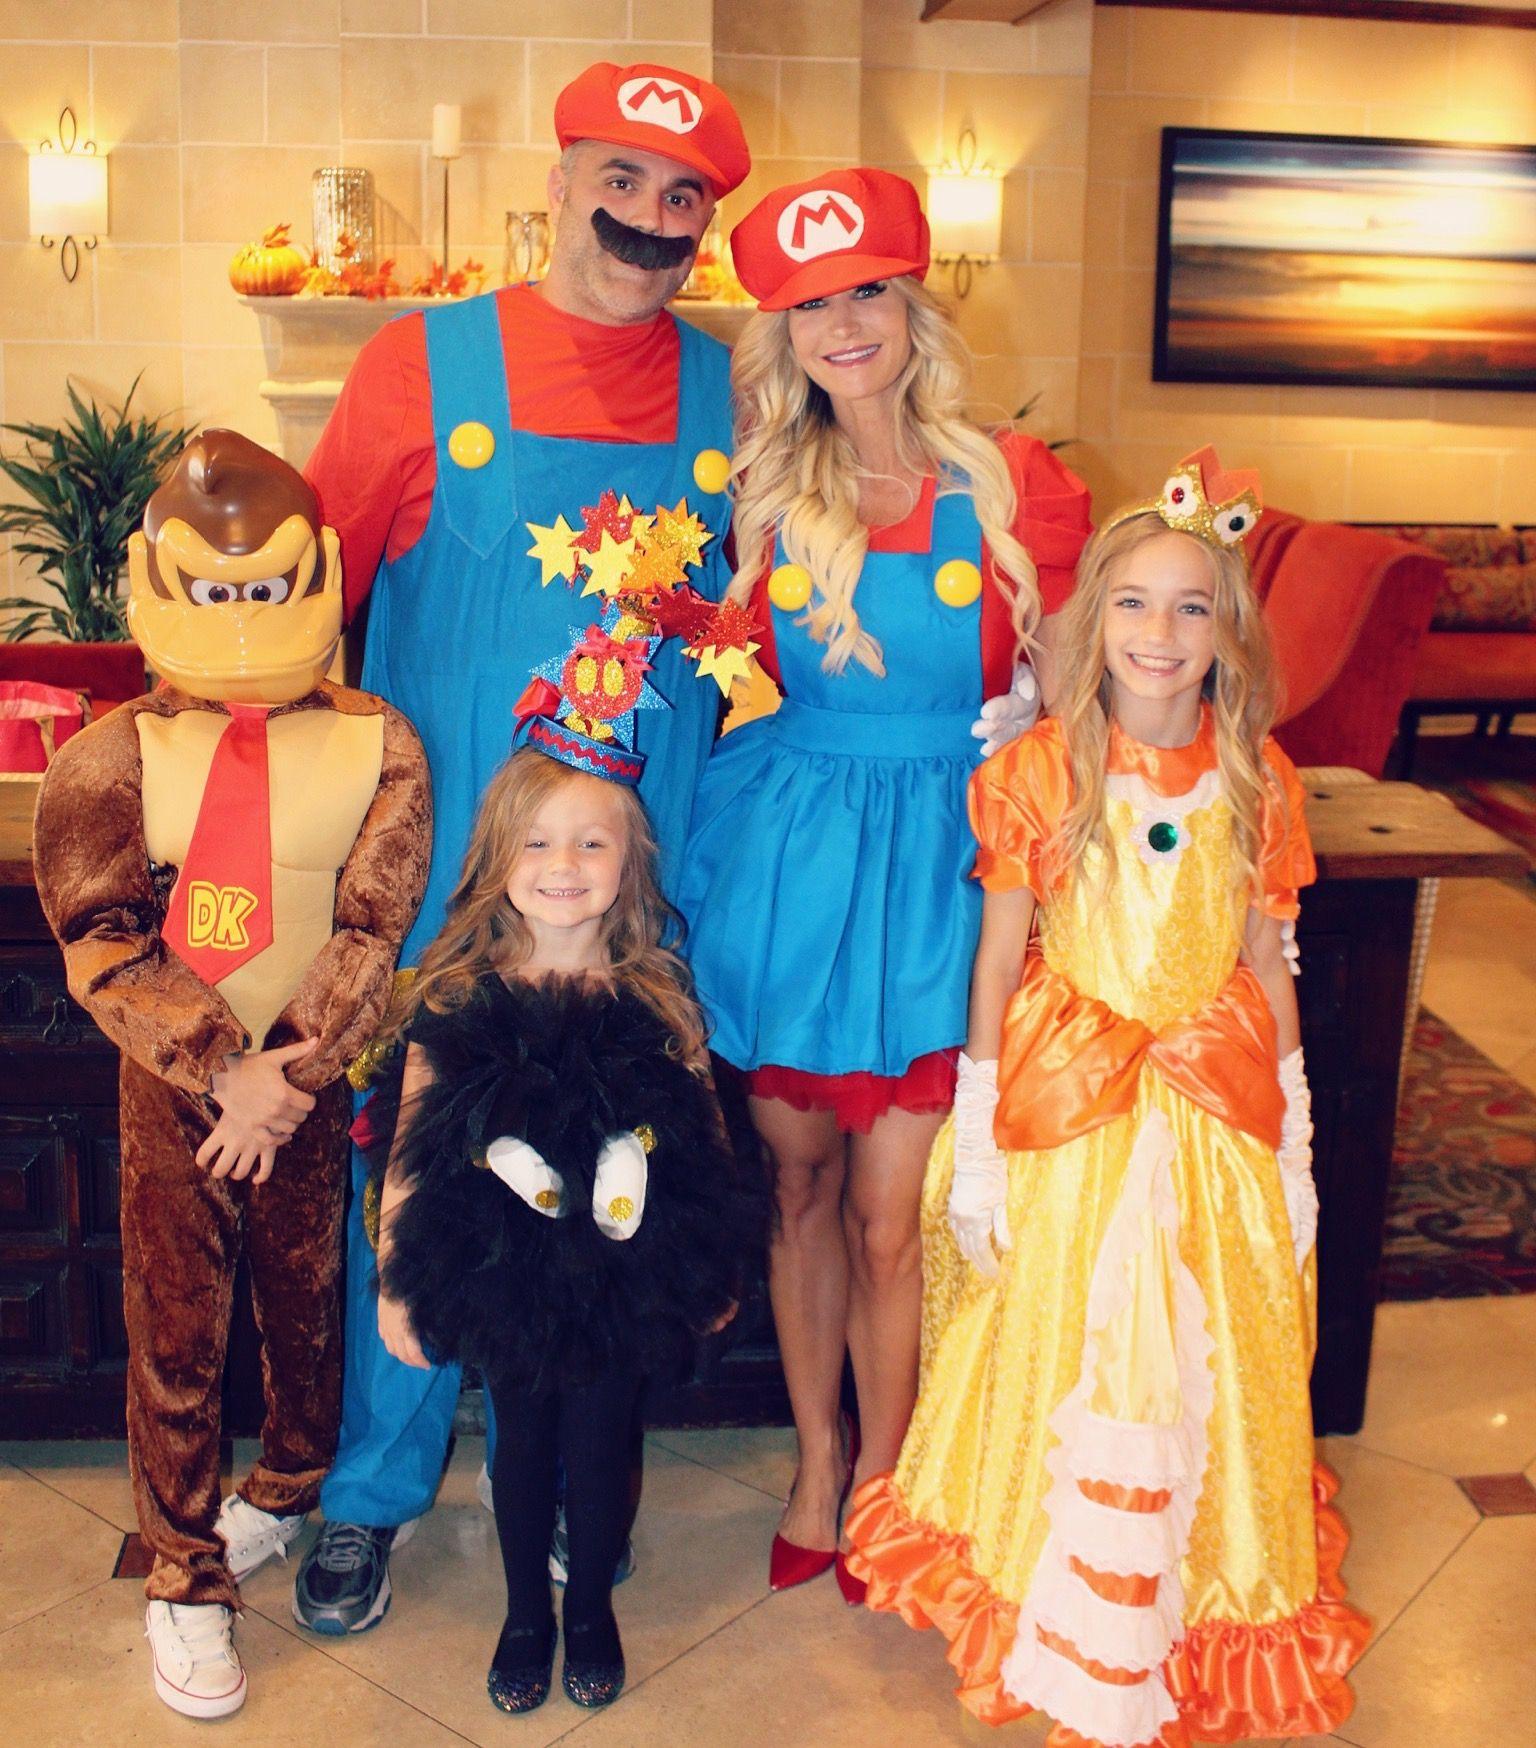 mario brothers family halloween. mario donkey kong princess daisy